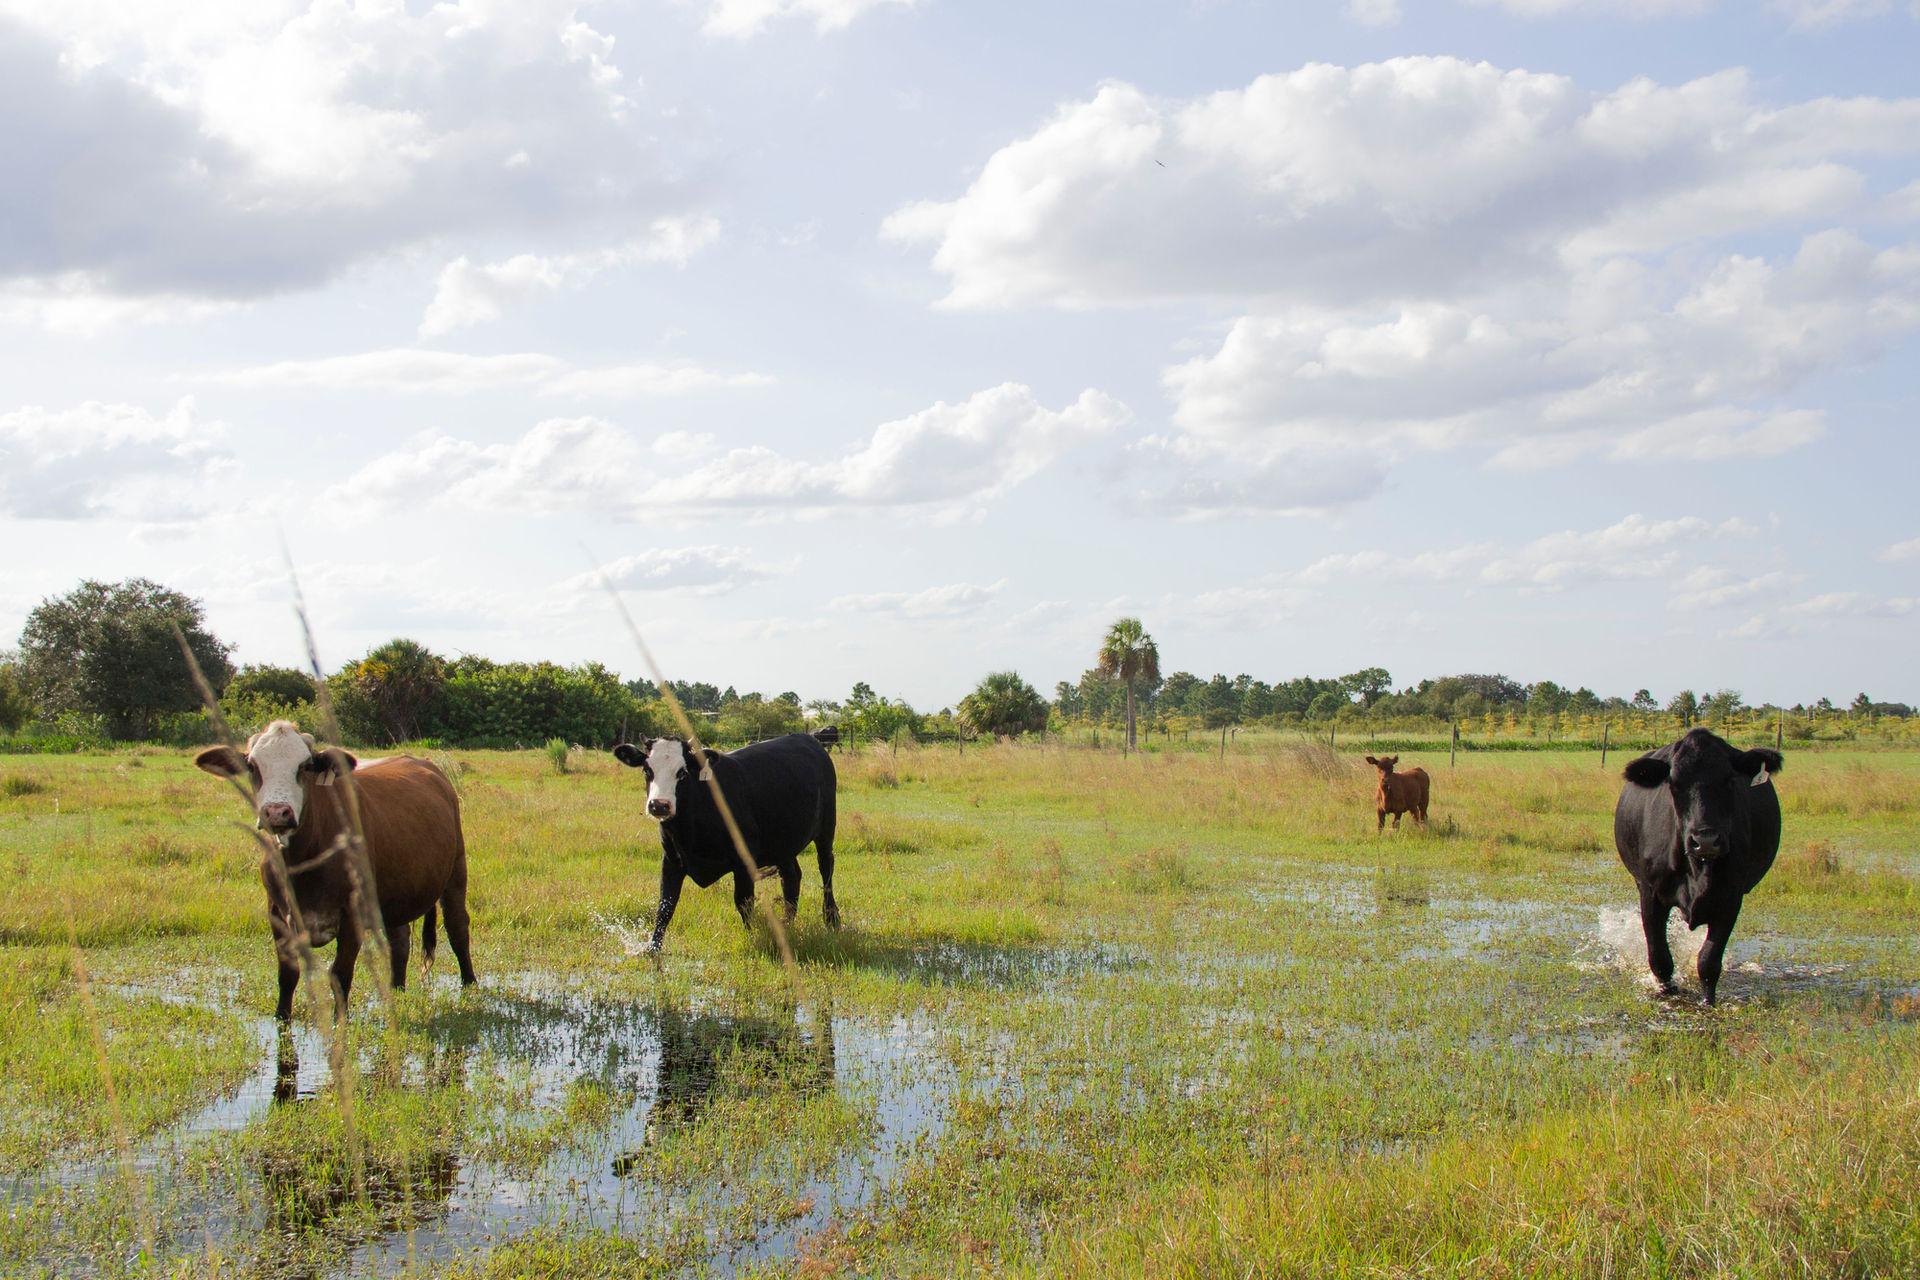 Cows on farm site in Punta Gorda